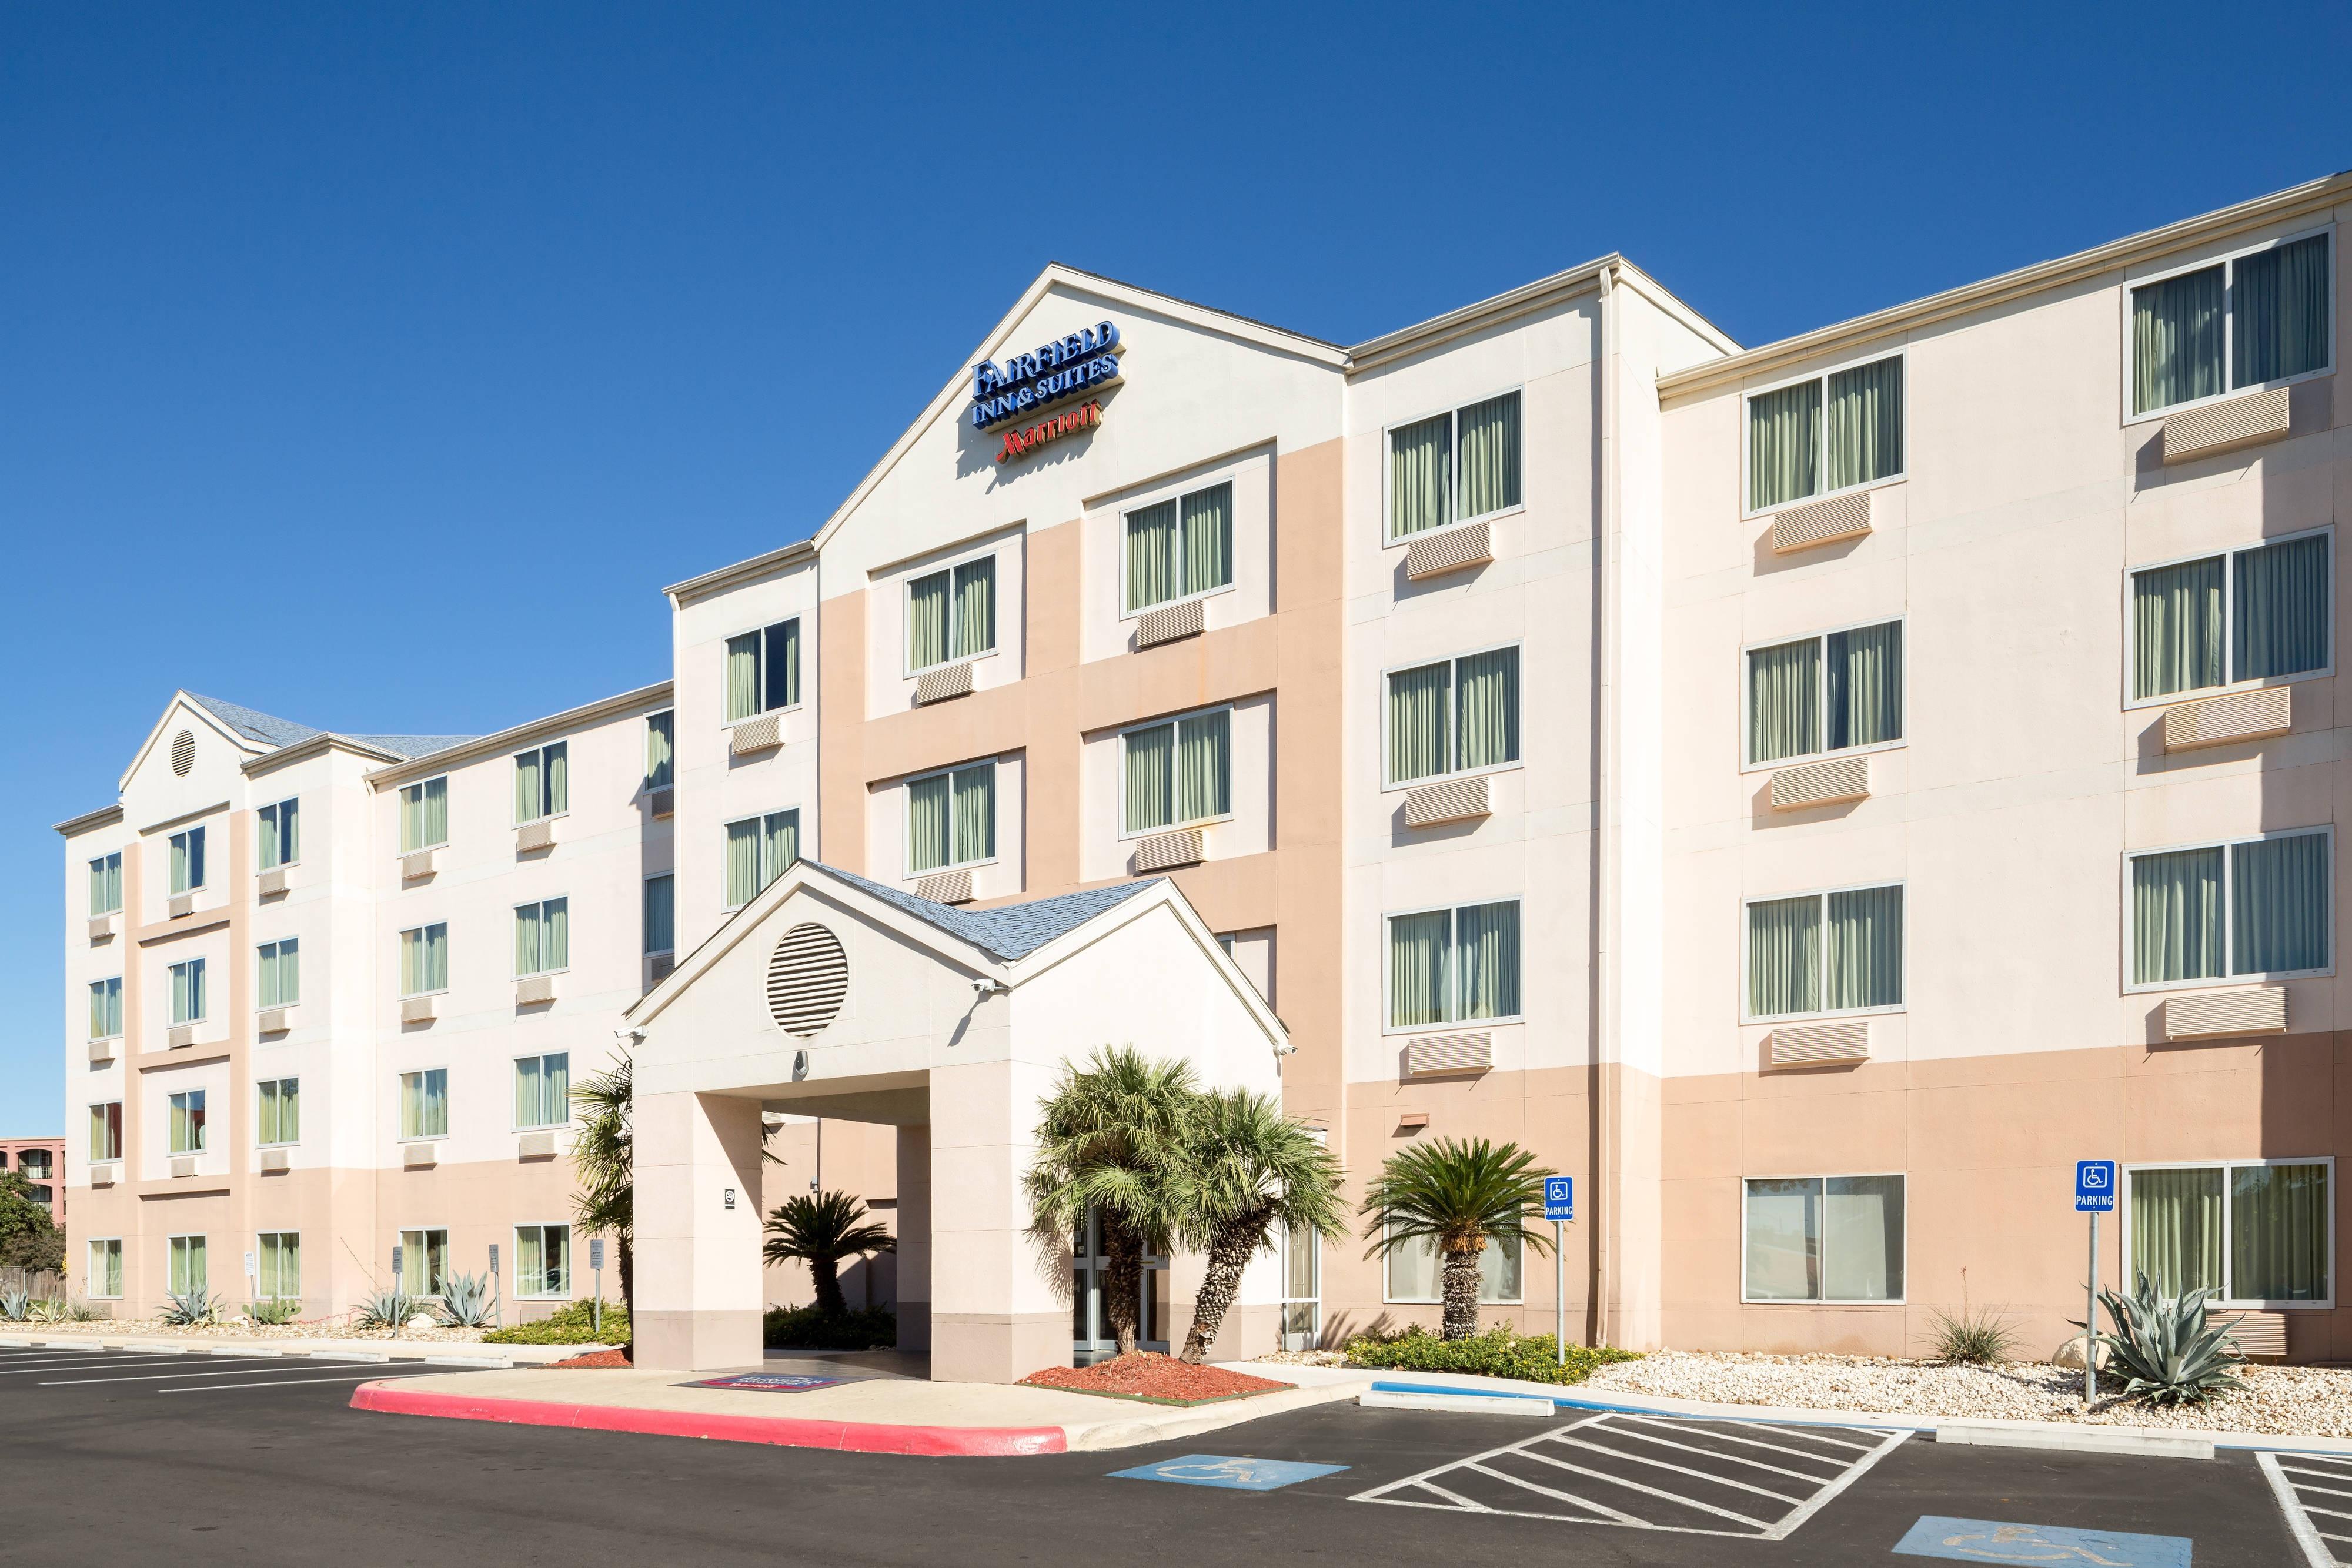 Entrada del hotel en el centro de San Antonio